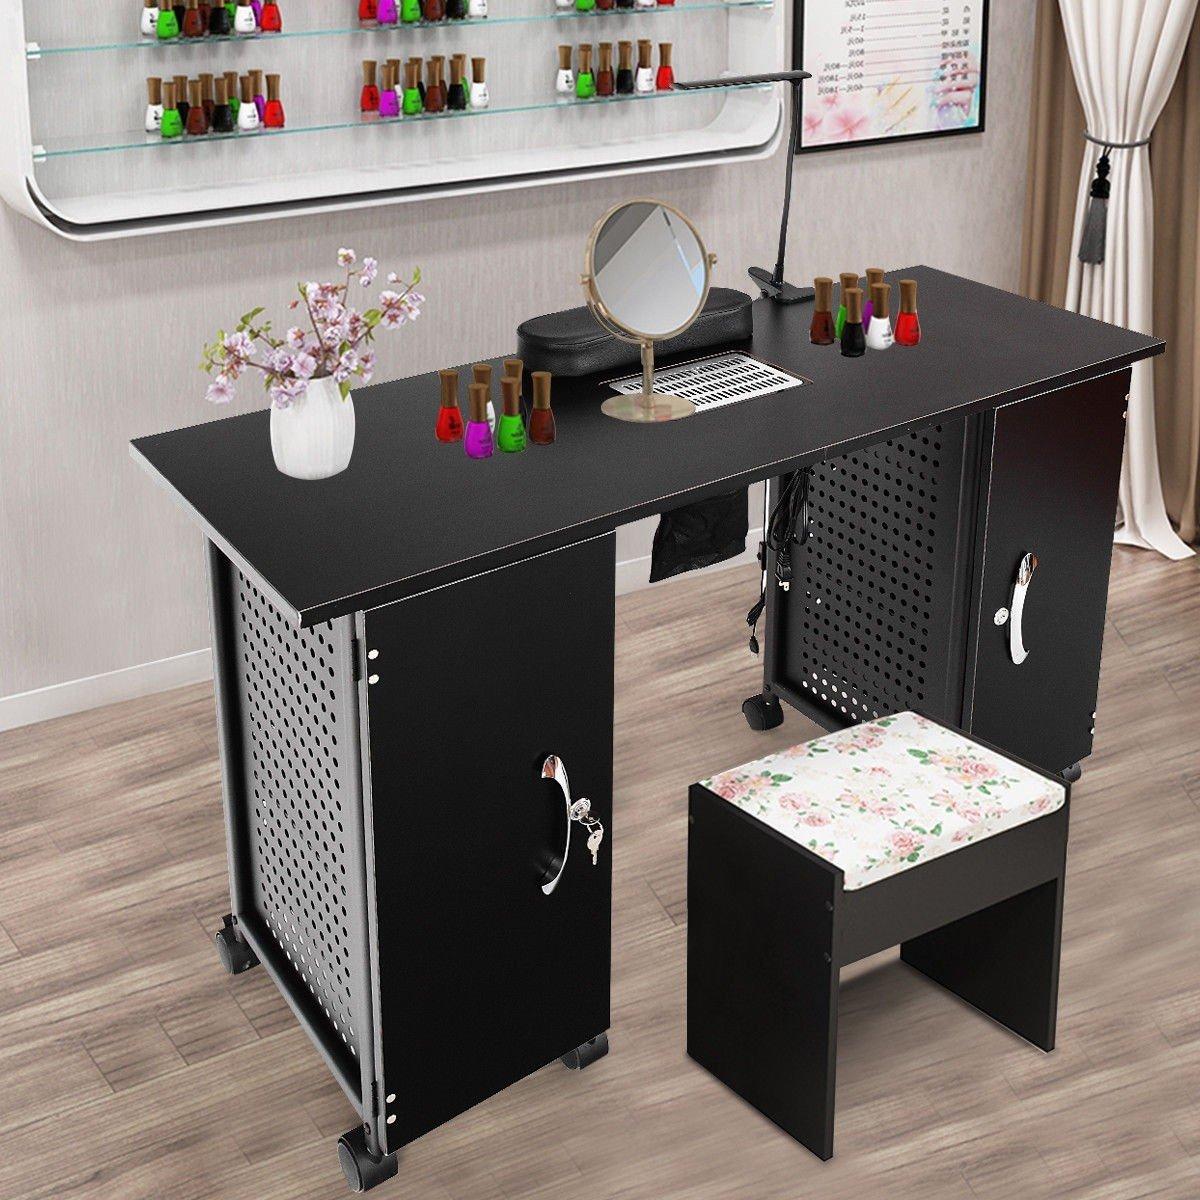 Deluxe Salon Steel Frame Manicure Table Arte com